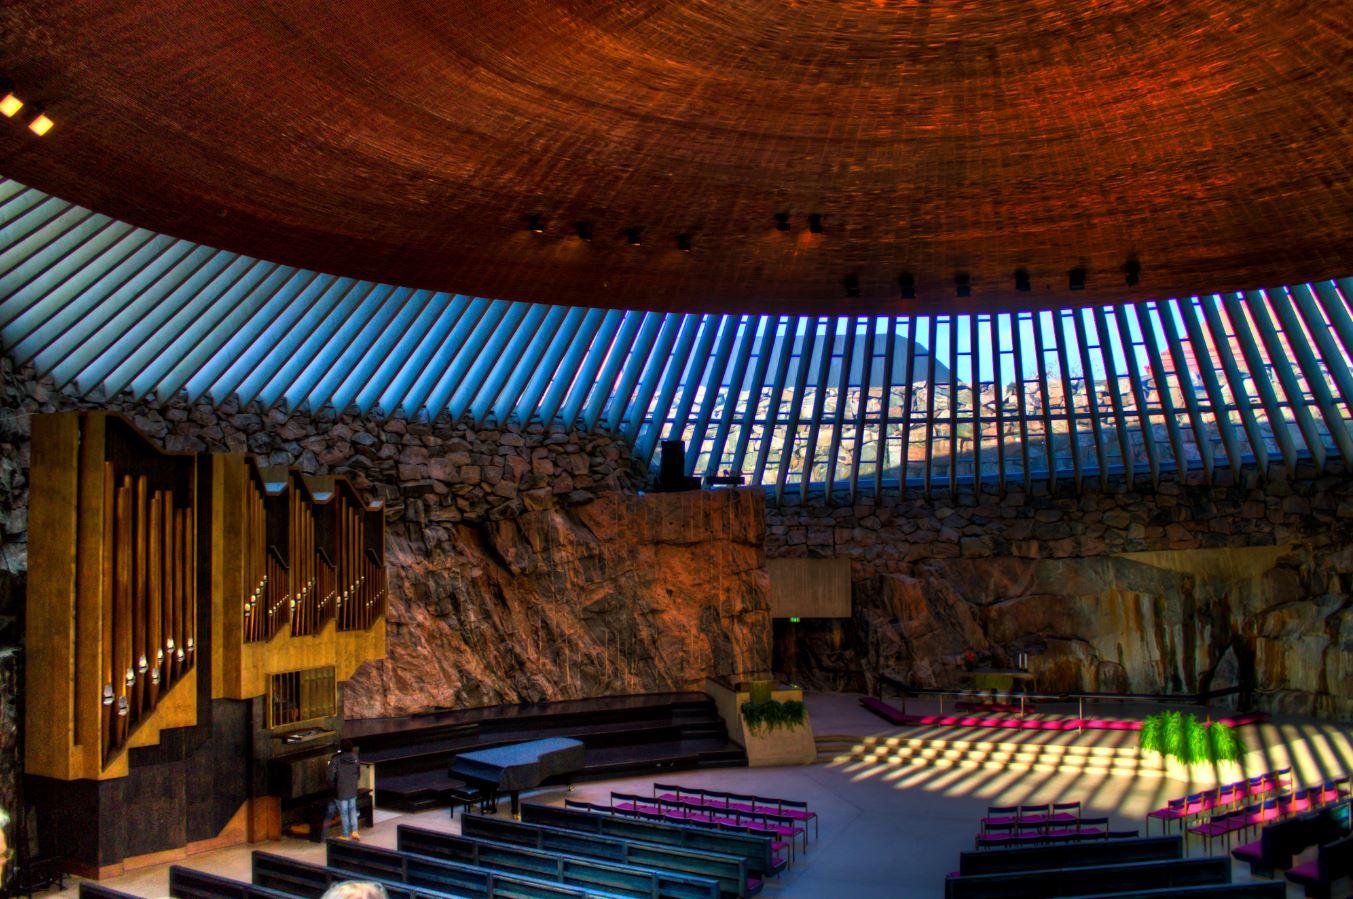 芬兰高端旅游之赫尔辛基岩石教堂